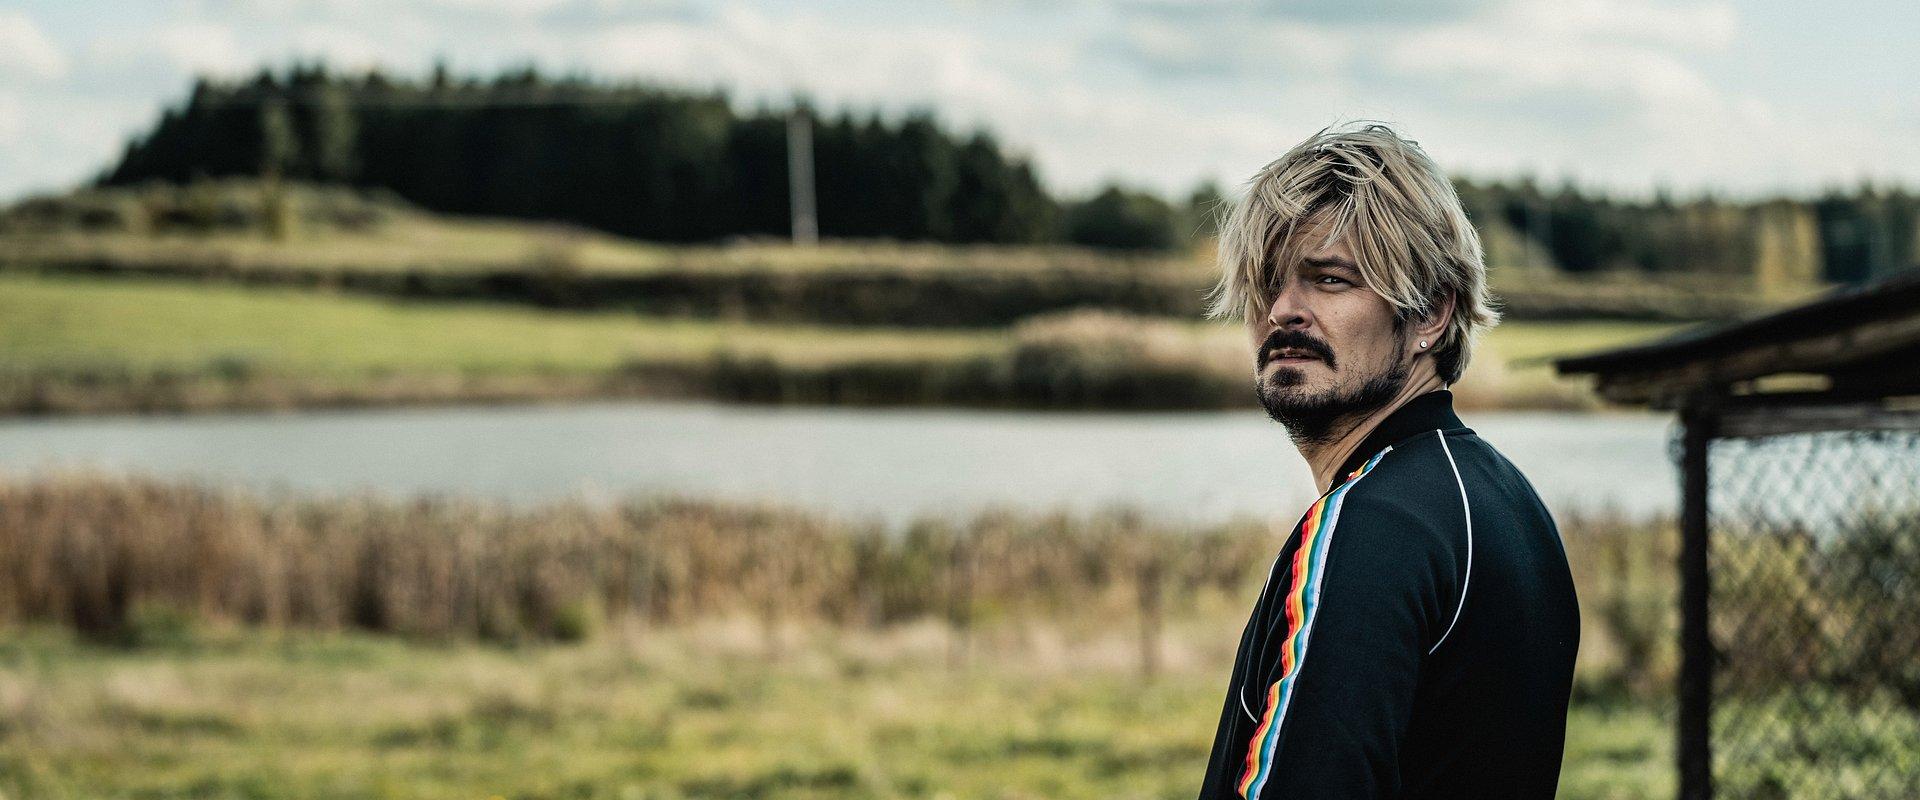 Koprodukcje CANAL+ nagrodzone na Festiwalu Filmowym w Gdyni